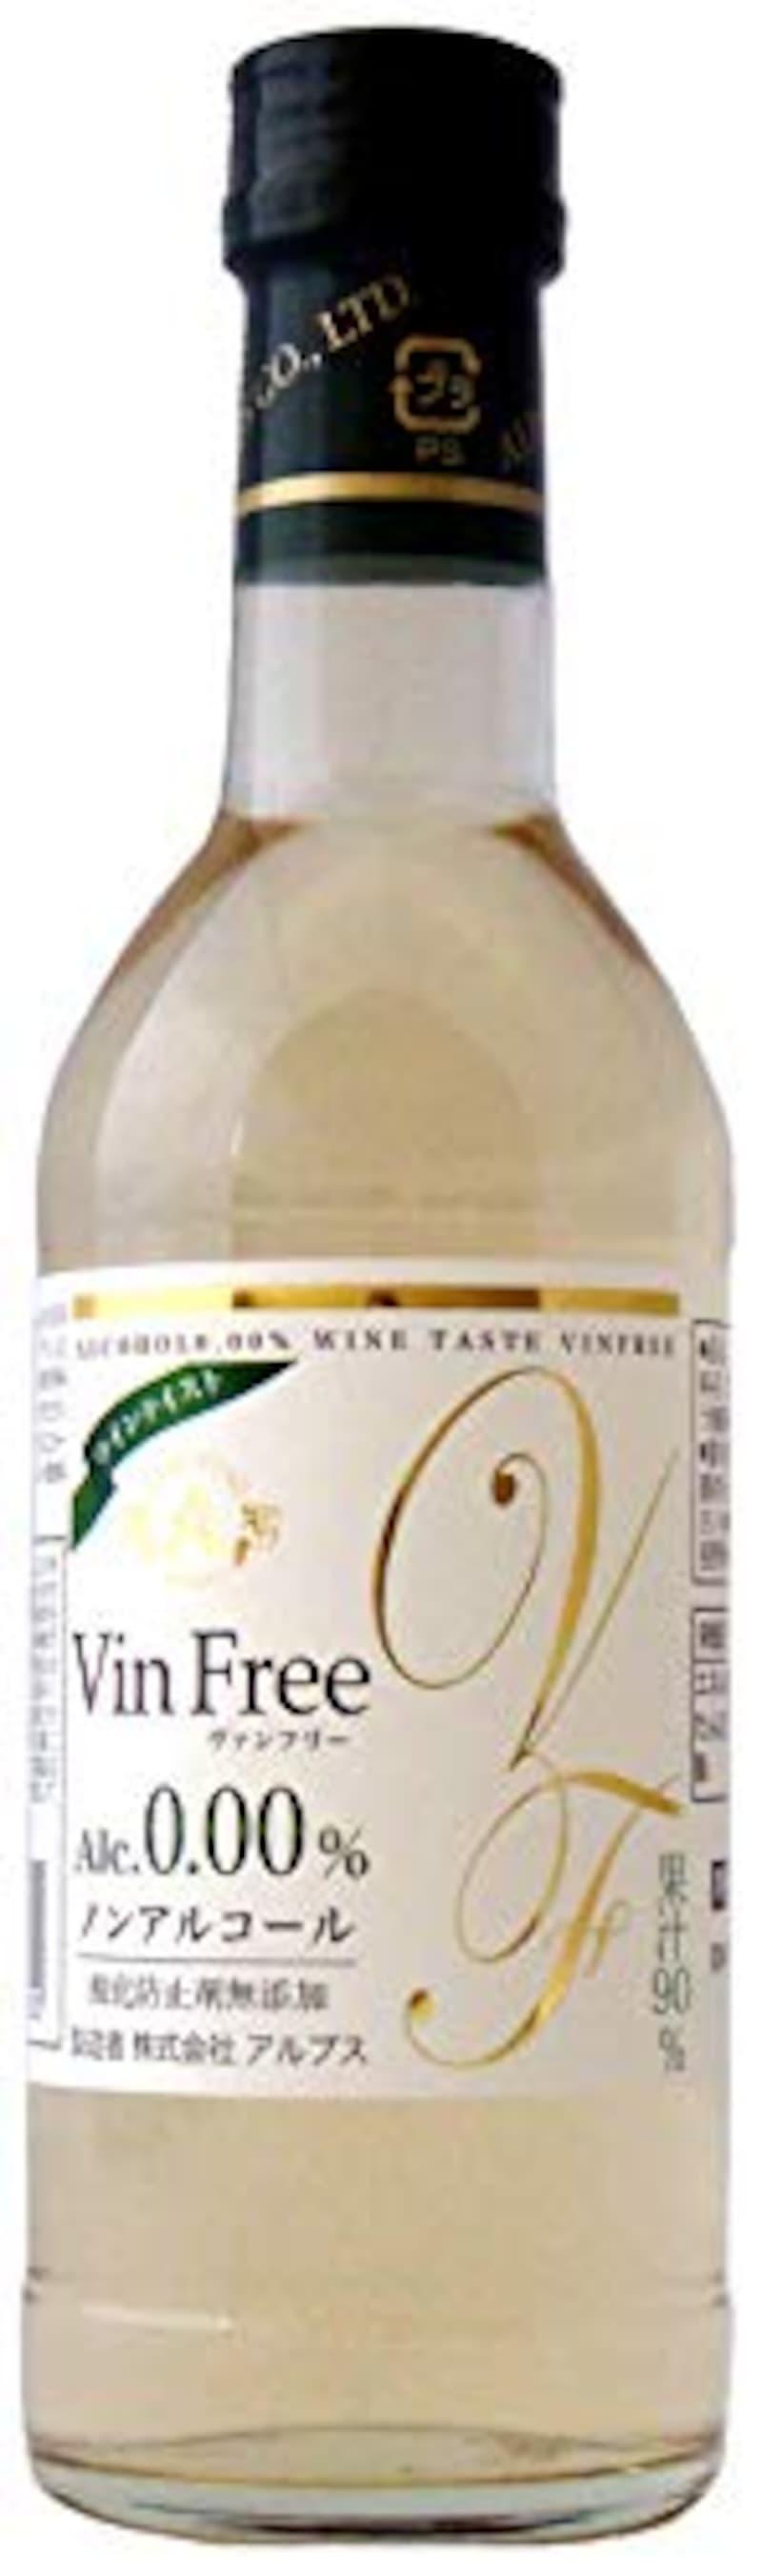 アルプスワイン,ヴァンフリー  白 300ml